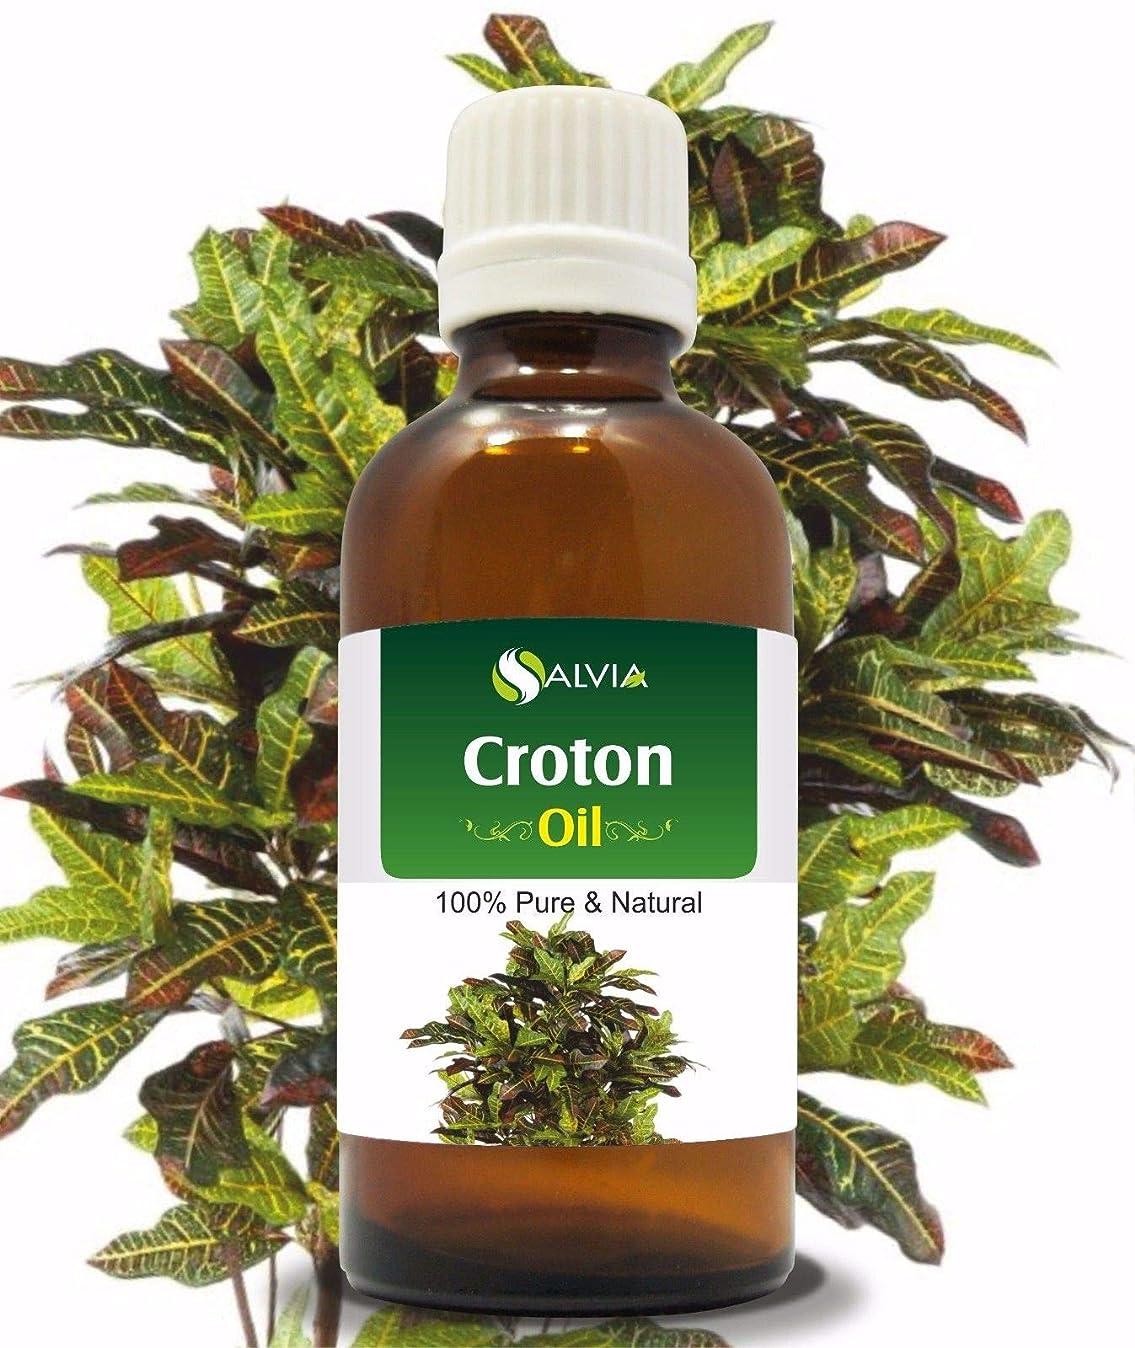 ゆり禁じる人間Croton (Crotonis Oleum) 100% Natural Pure Carrier Oil 30ml